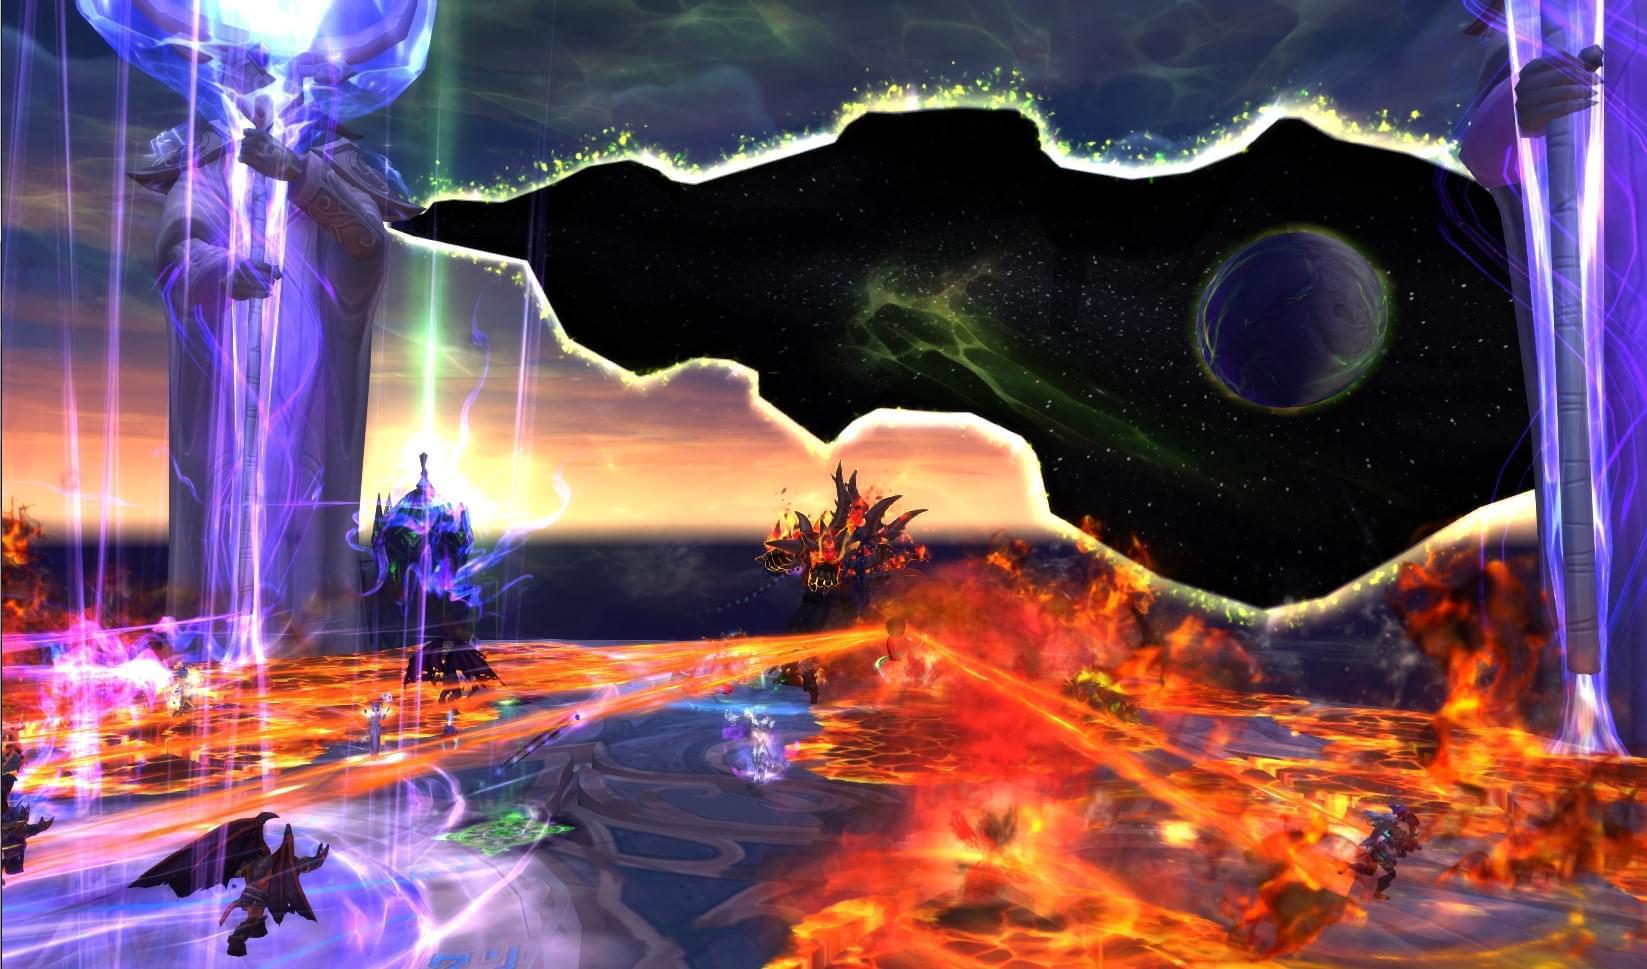 魔兽5月13日集合石活动回顾:联盟英雄暗夜要塞